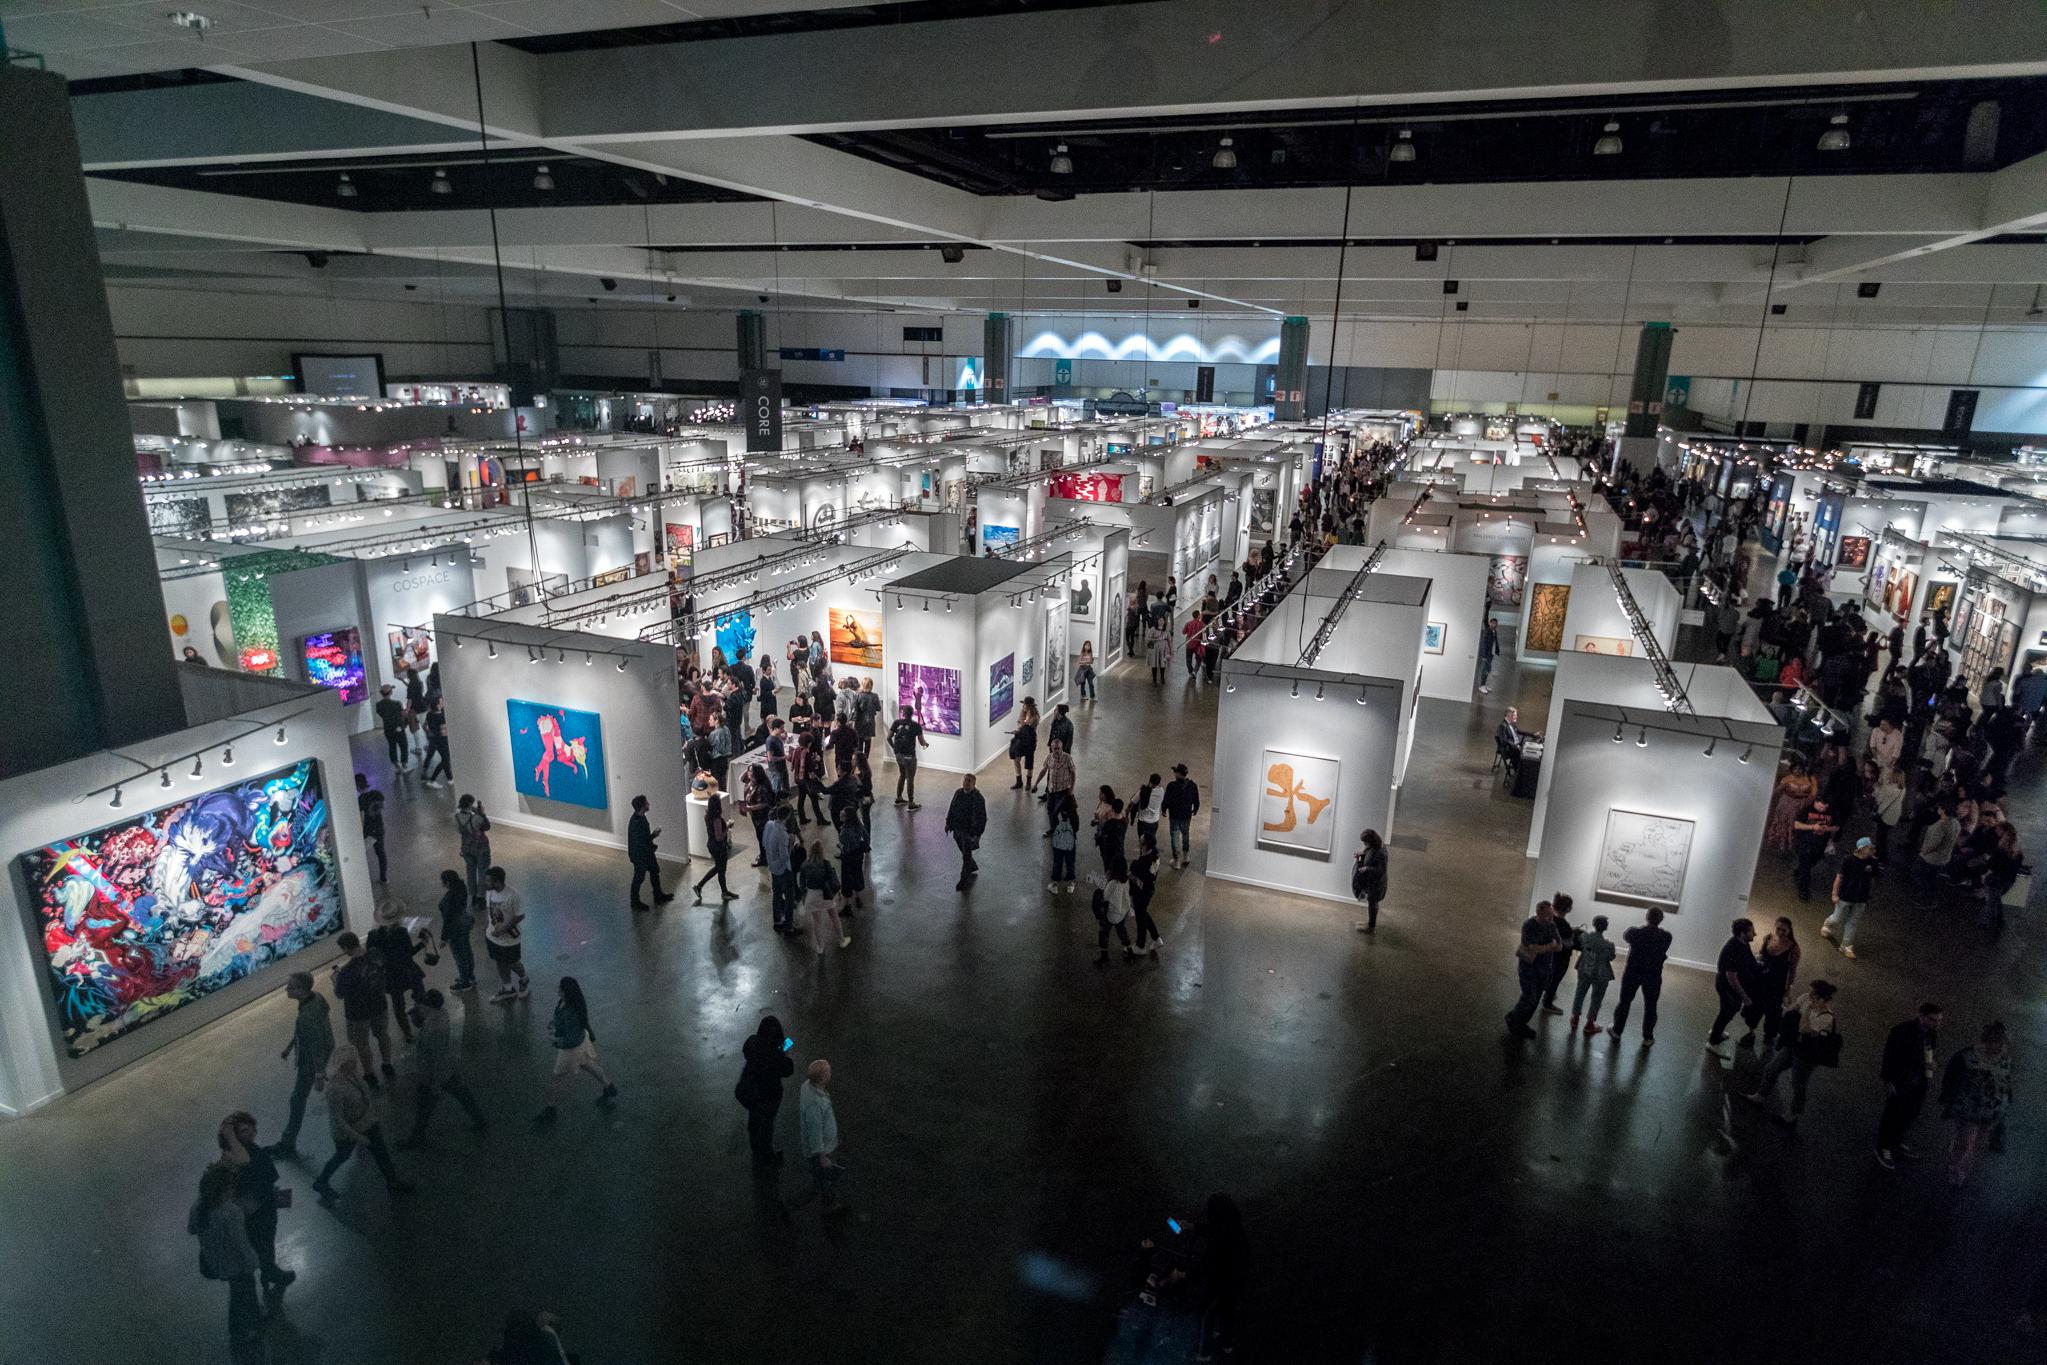 20190126-la-artshow-19-785